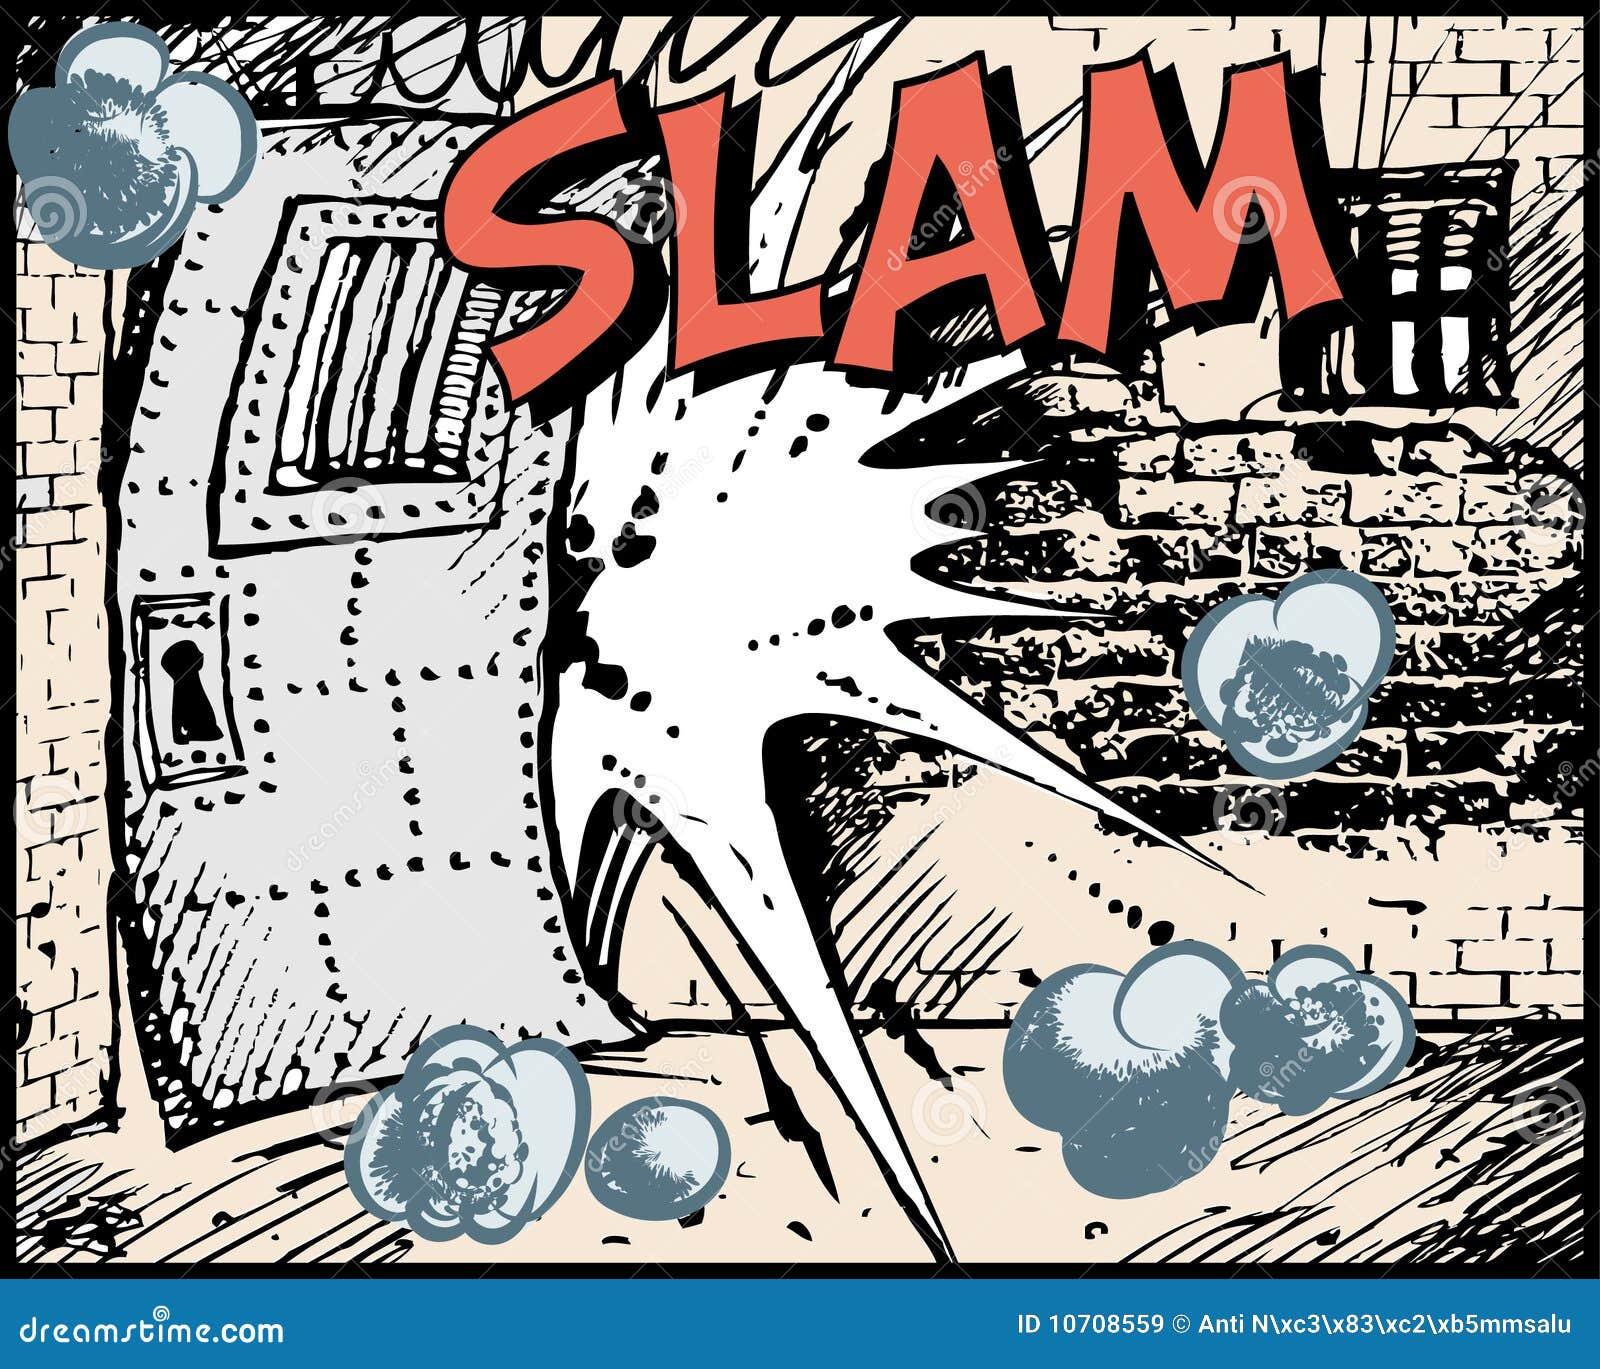 comic slam fight noise element door .